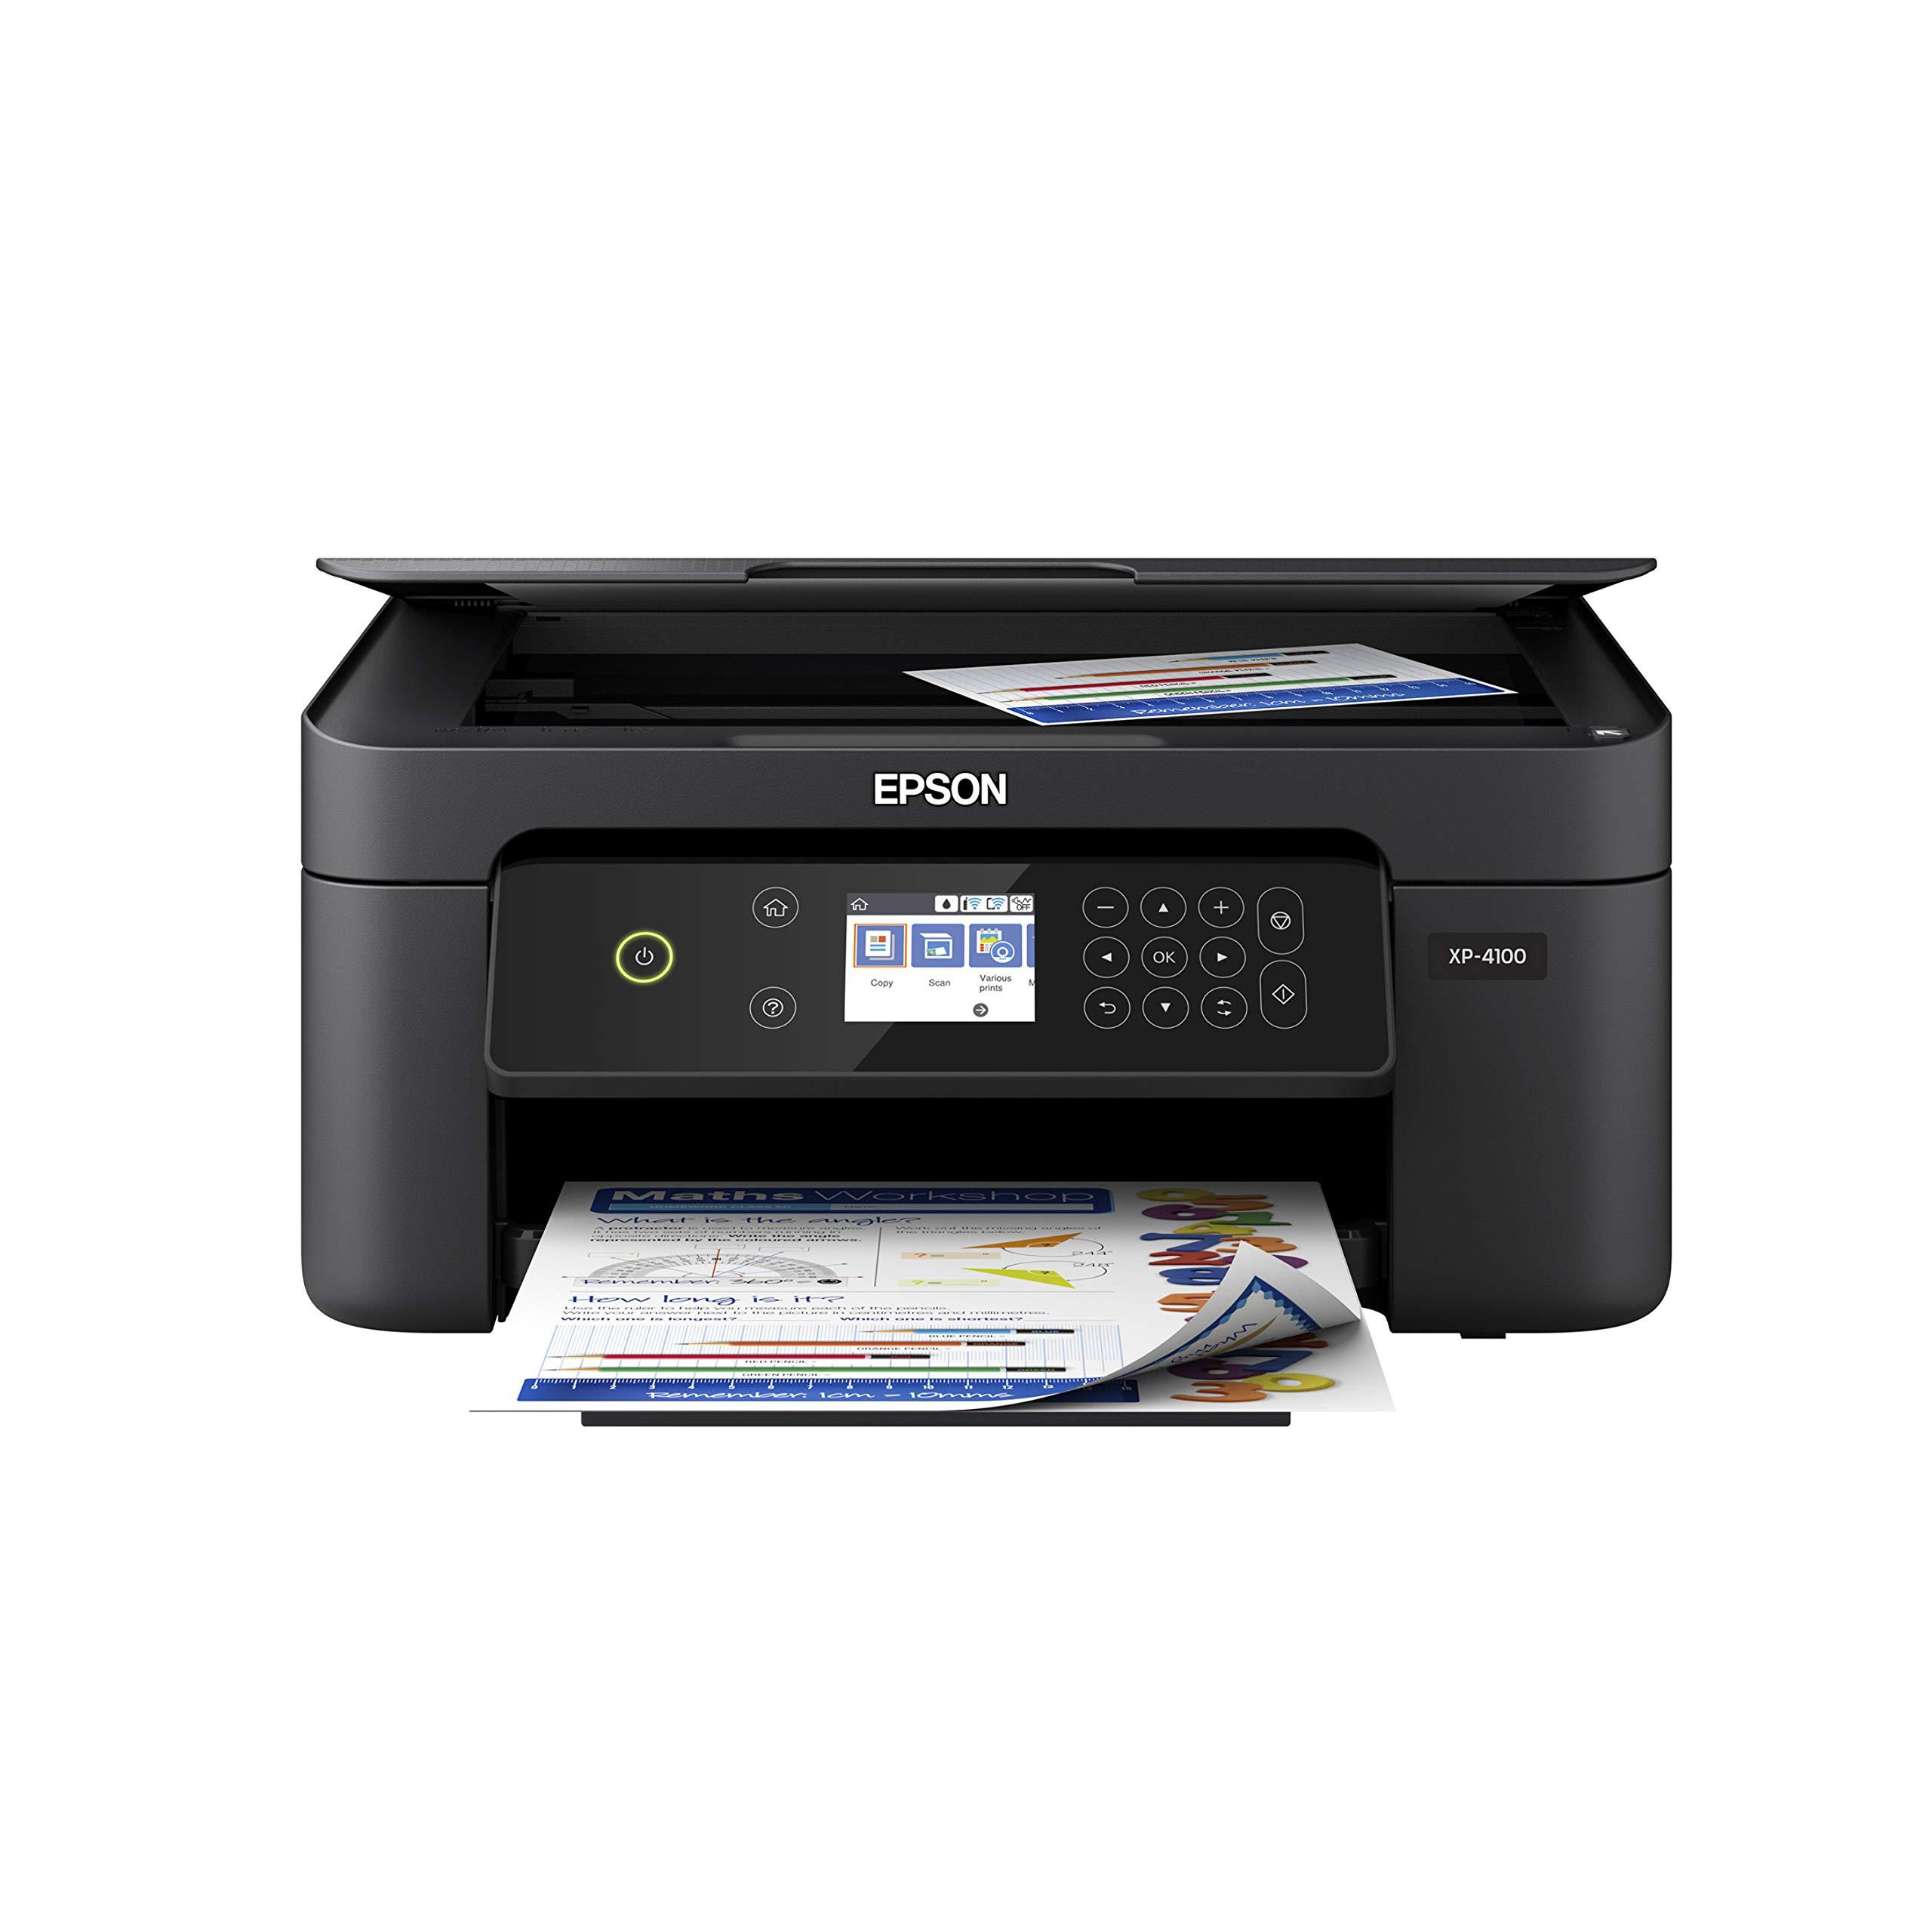 Epson Expression XP 4100 Wireless Printer